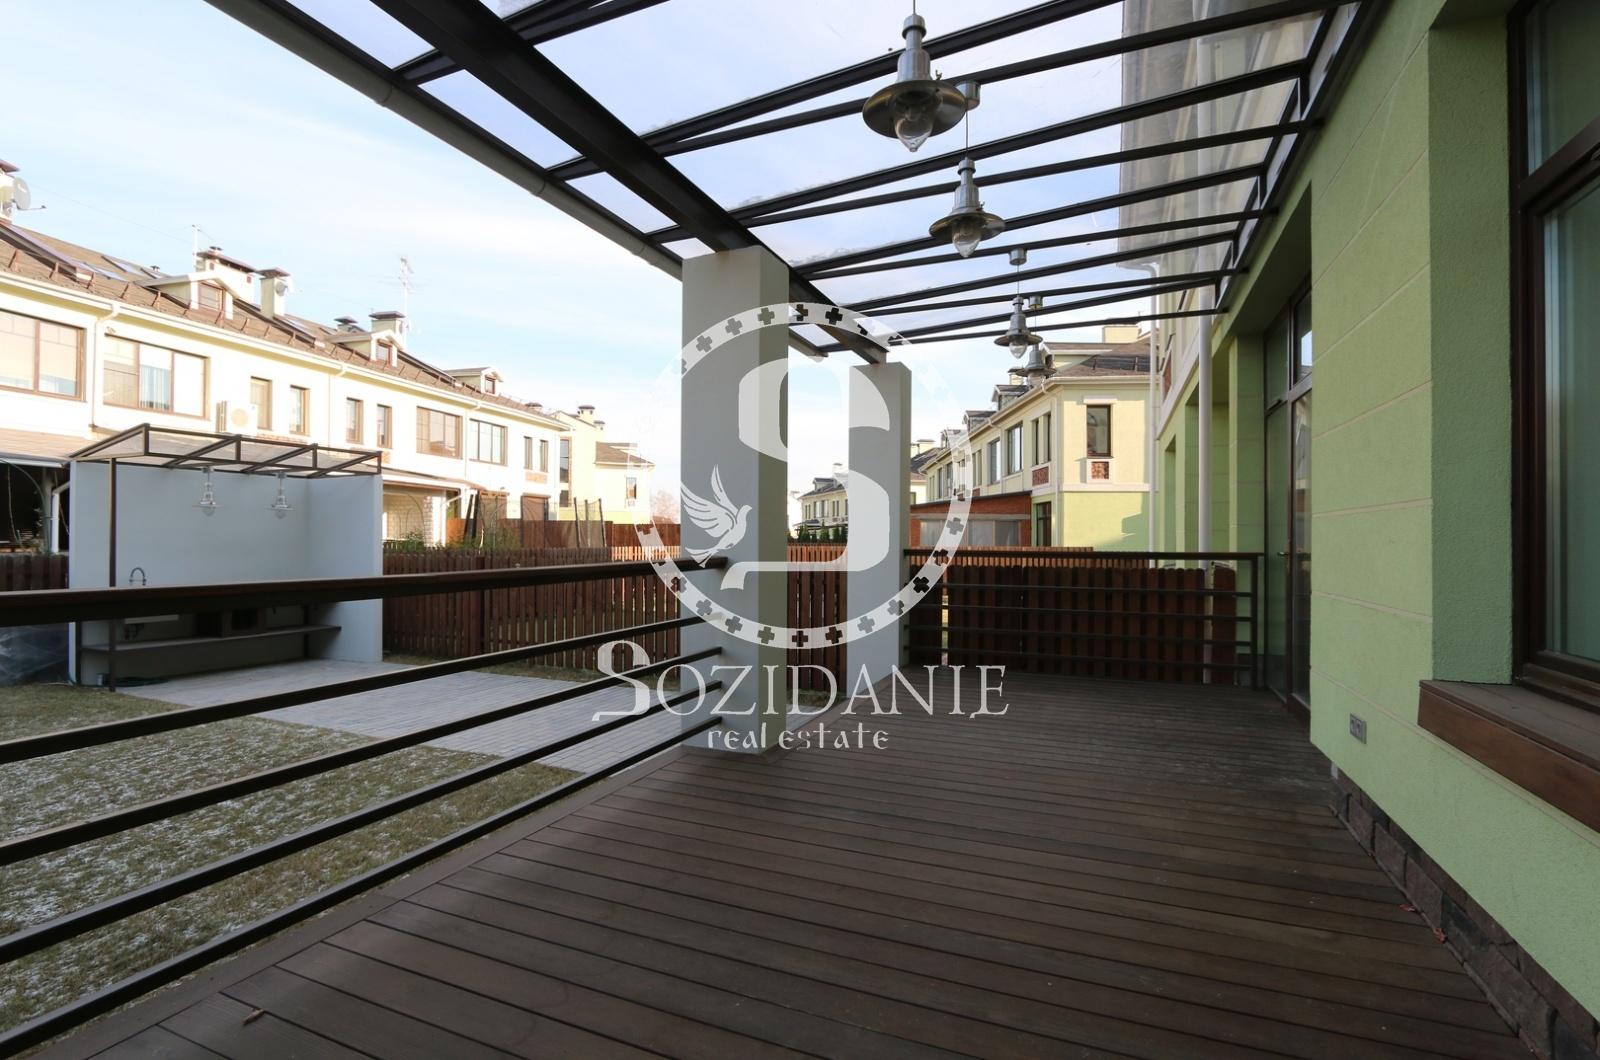 4 Bedrooms, Загородная, Аренда, Listing ID 3512, Московская область, Россия,